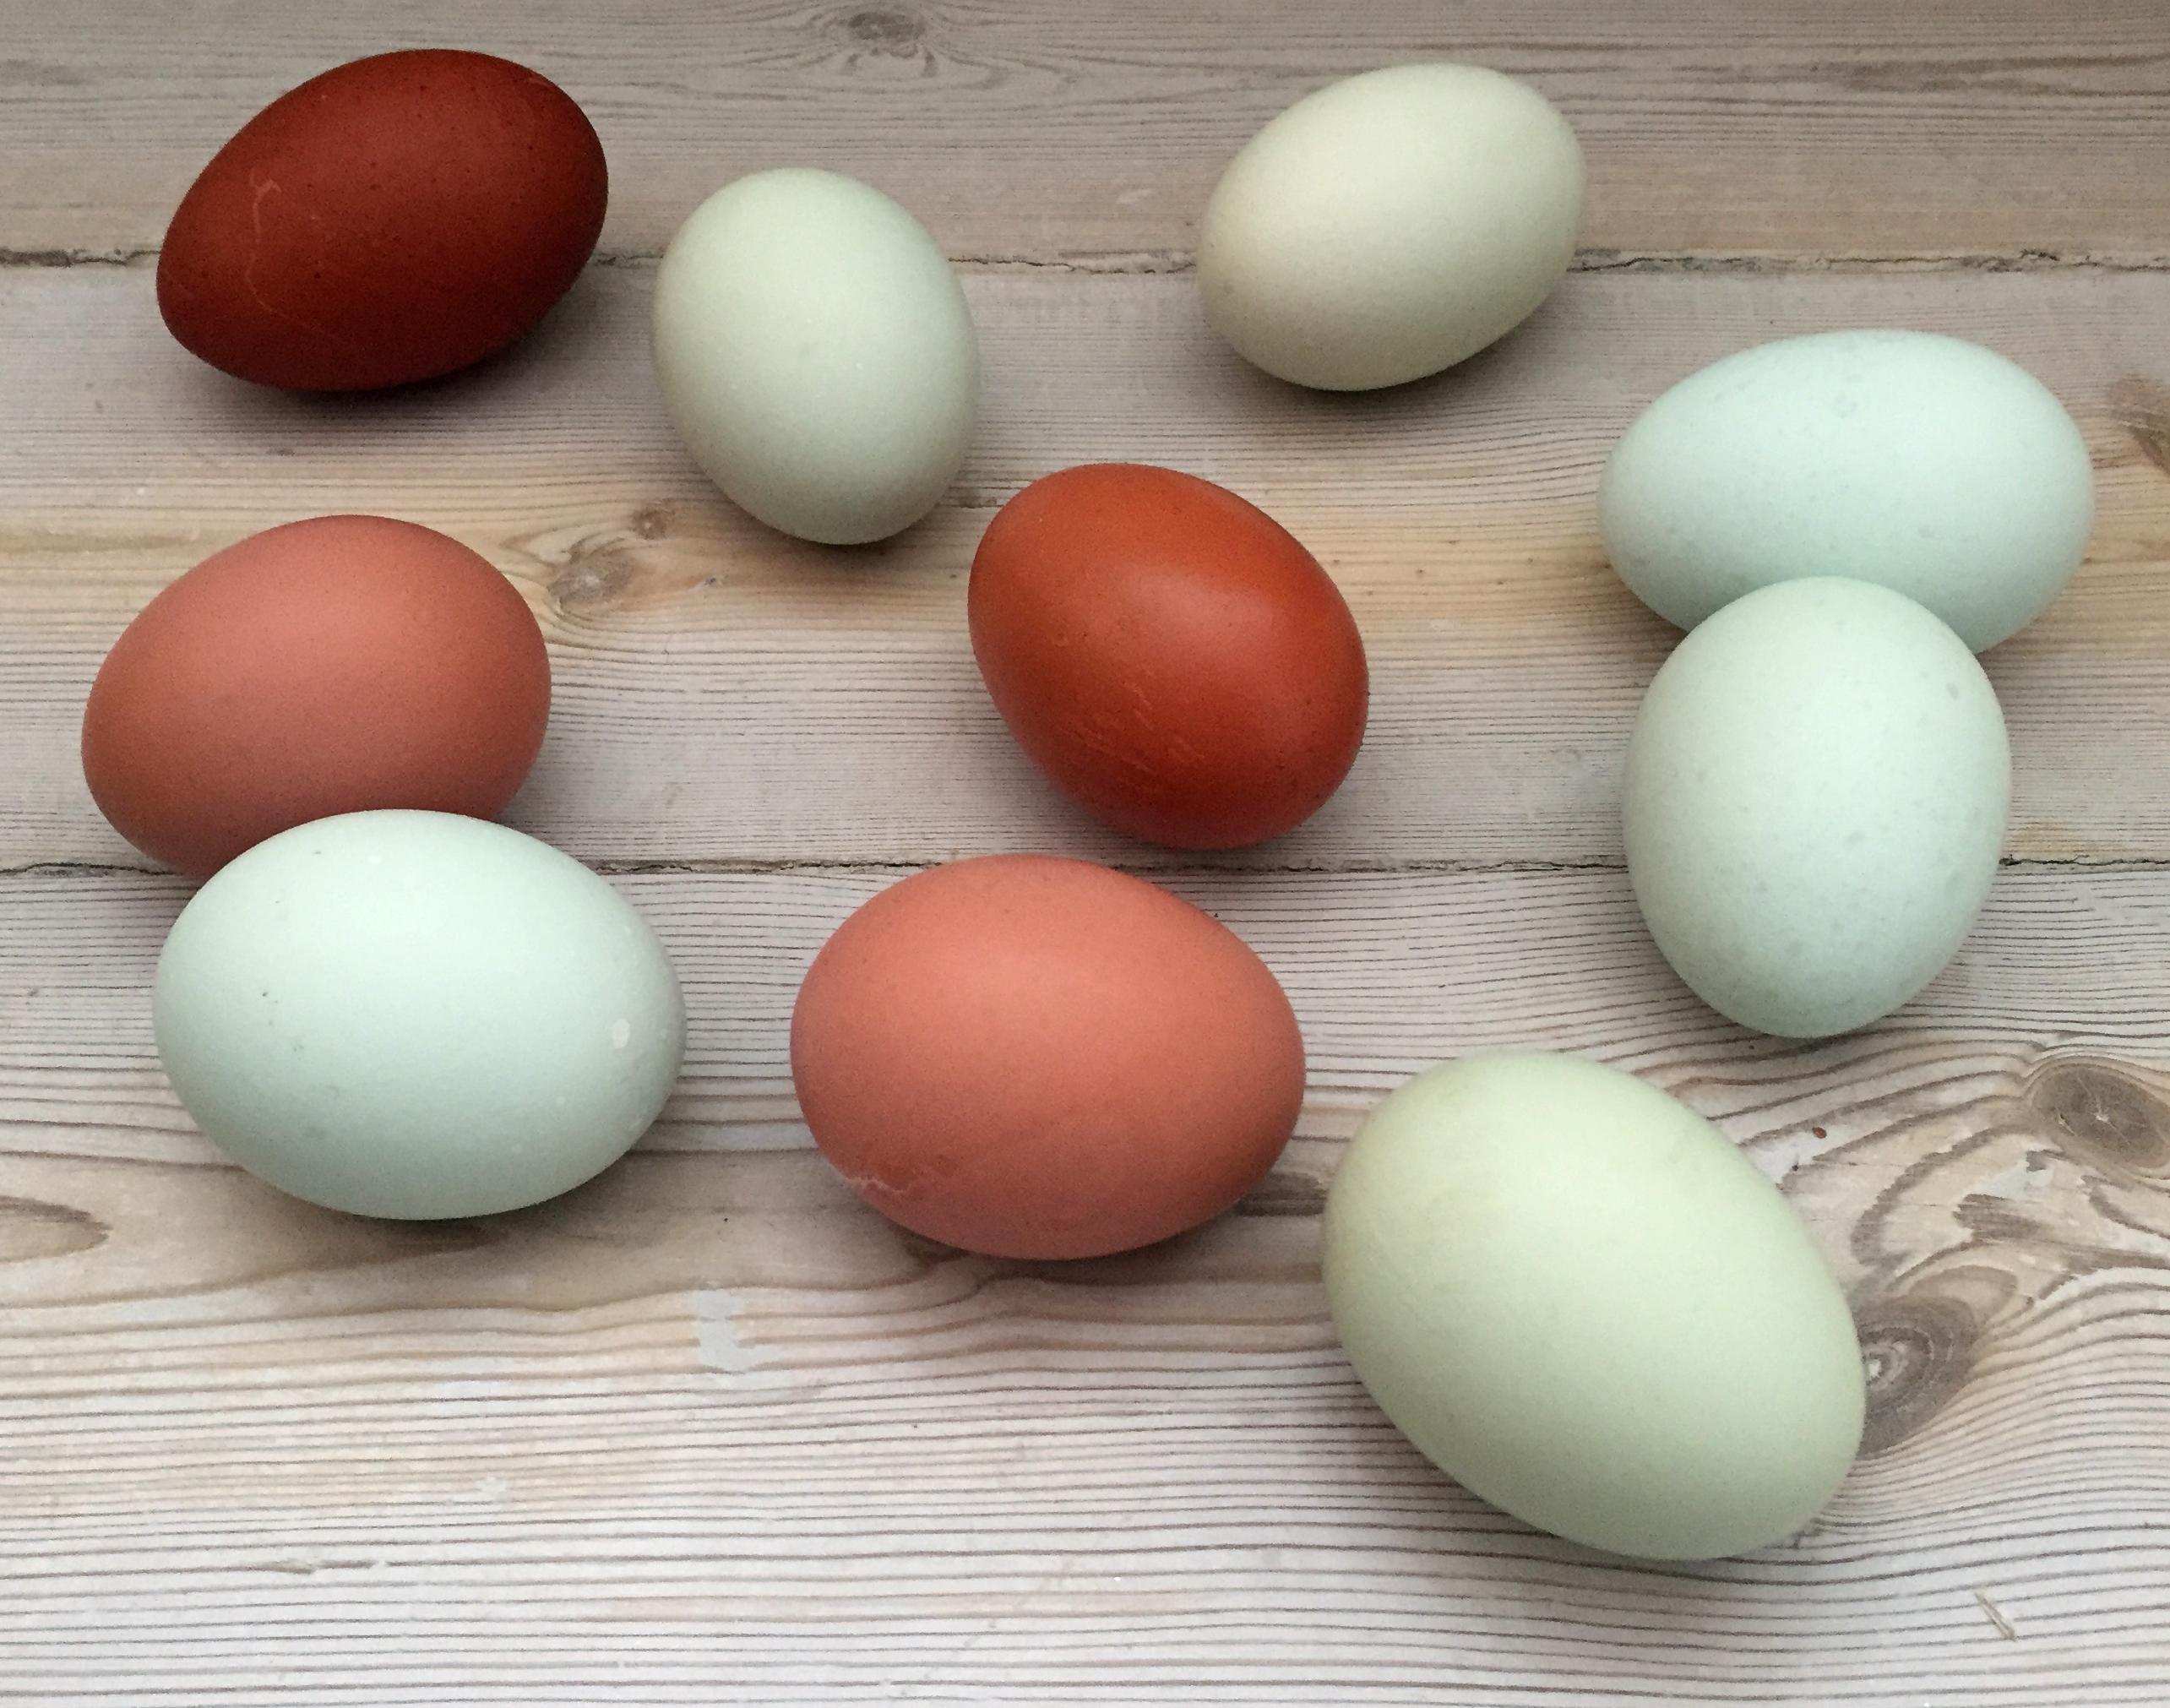 Hvem har besluttet, at æg kun må være hvide eller brune?